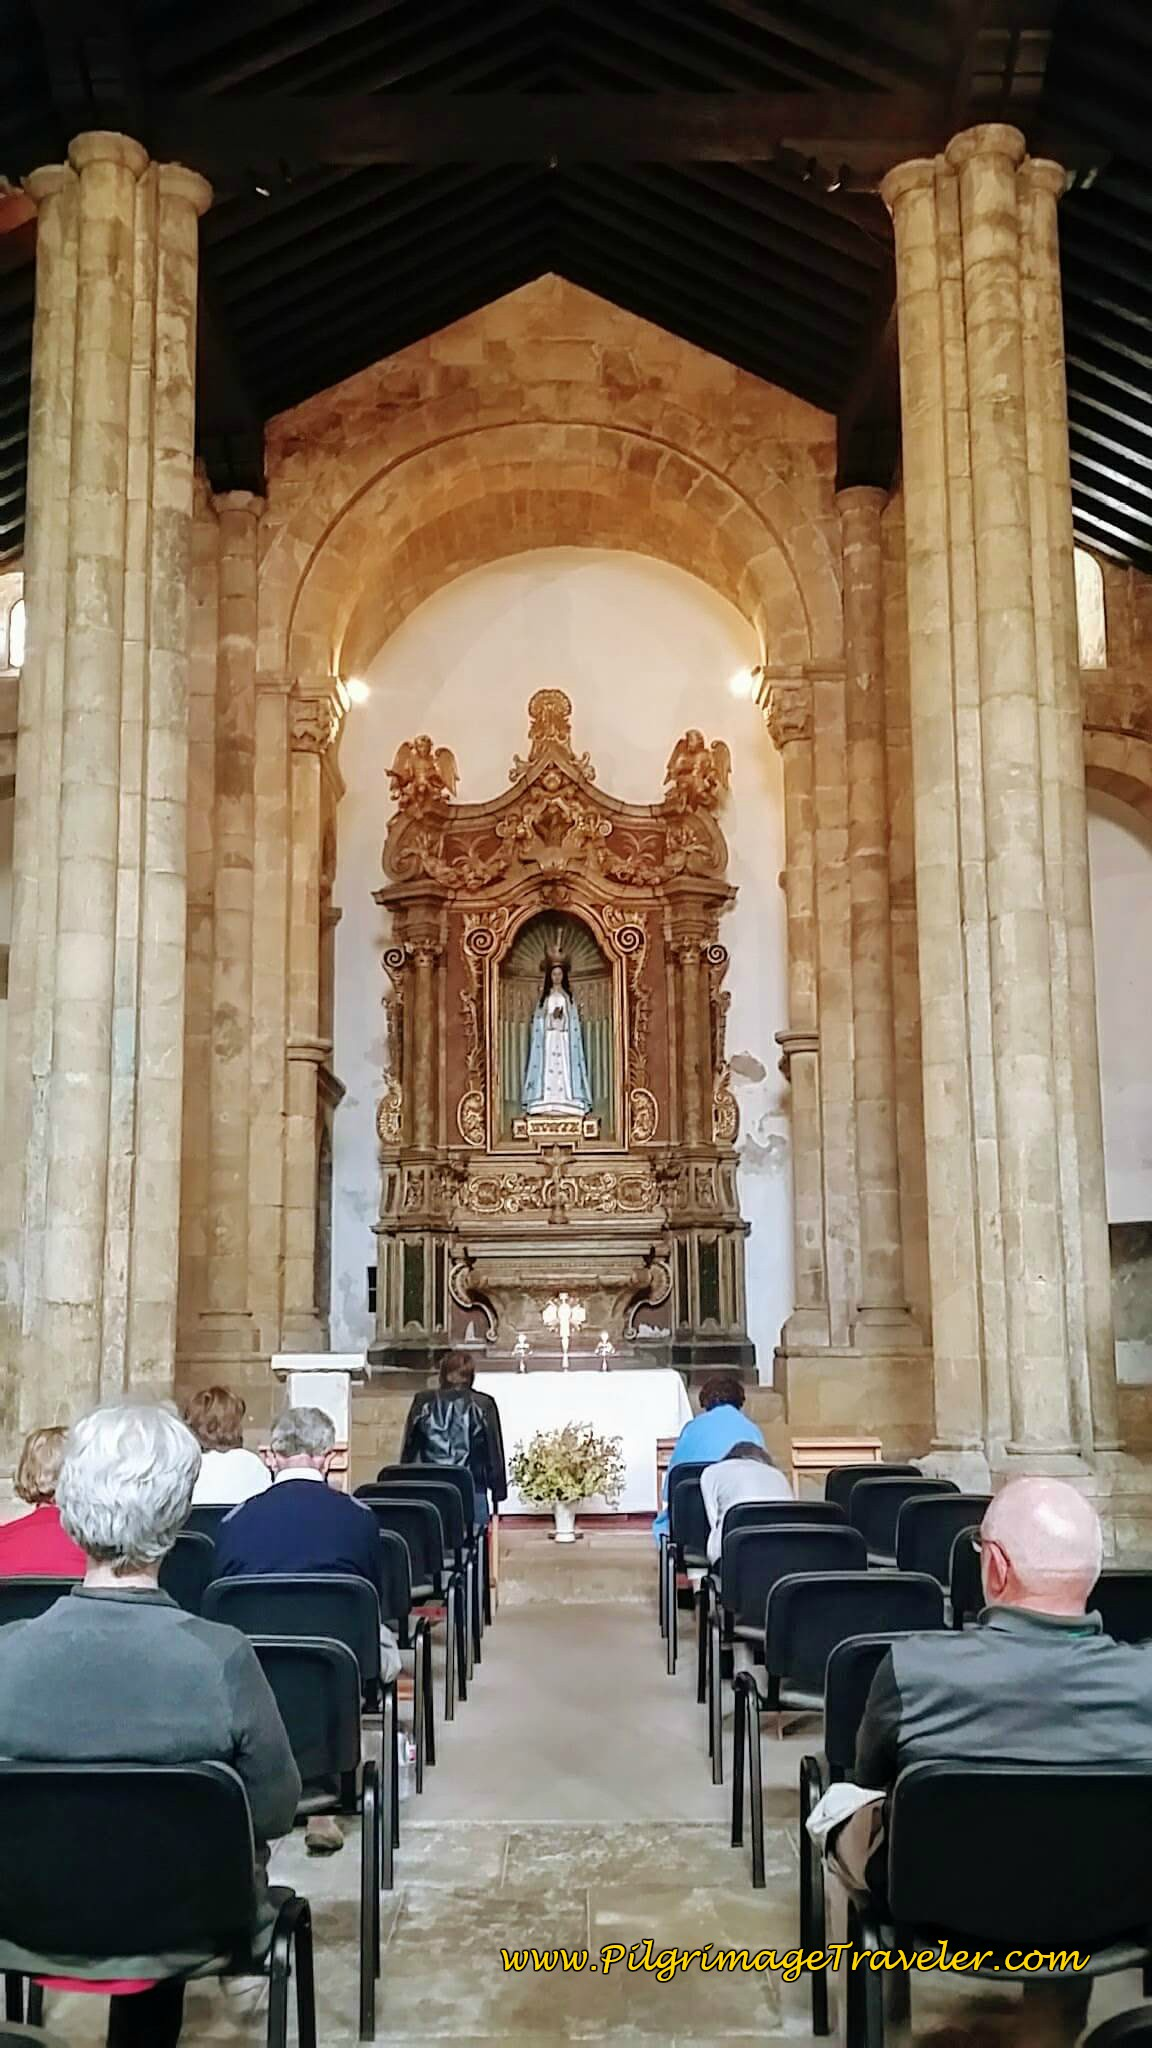 Interior of Igreja de São Tiago, Coimbra, Portugal